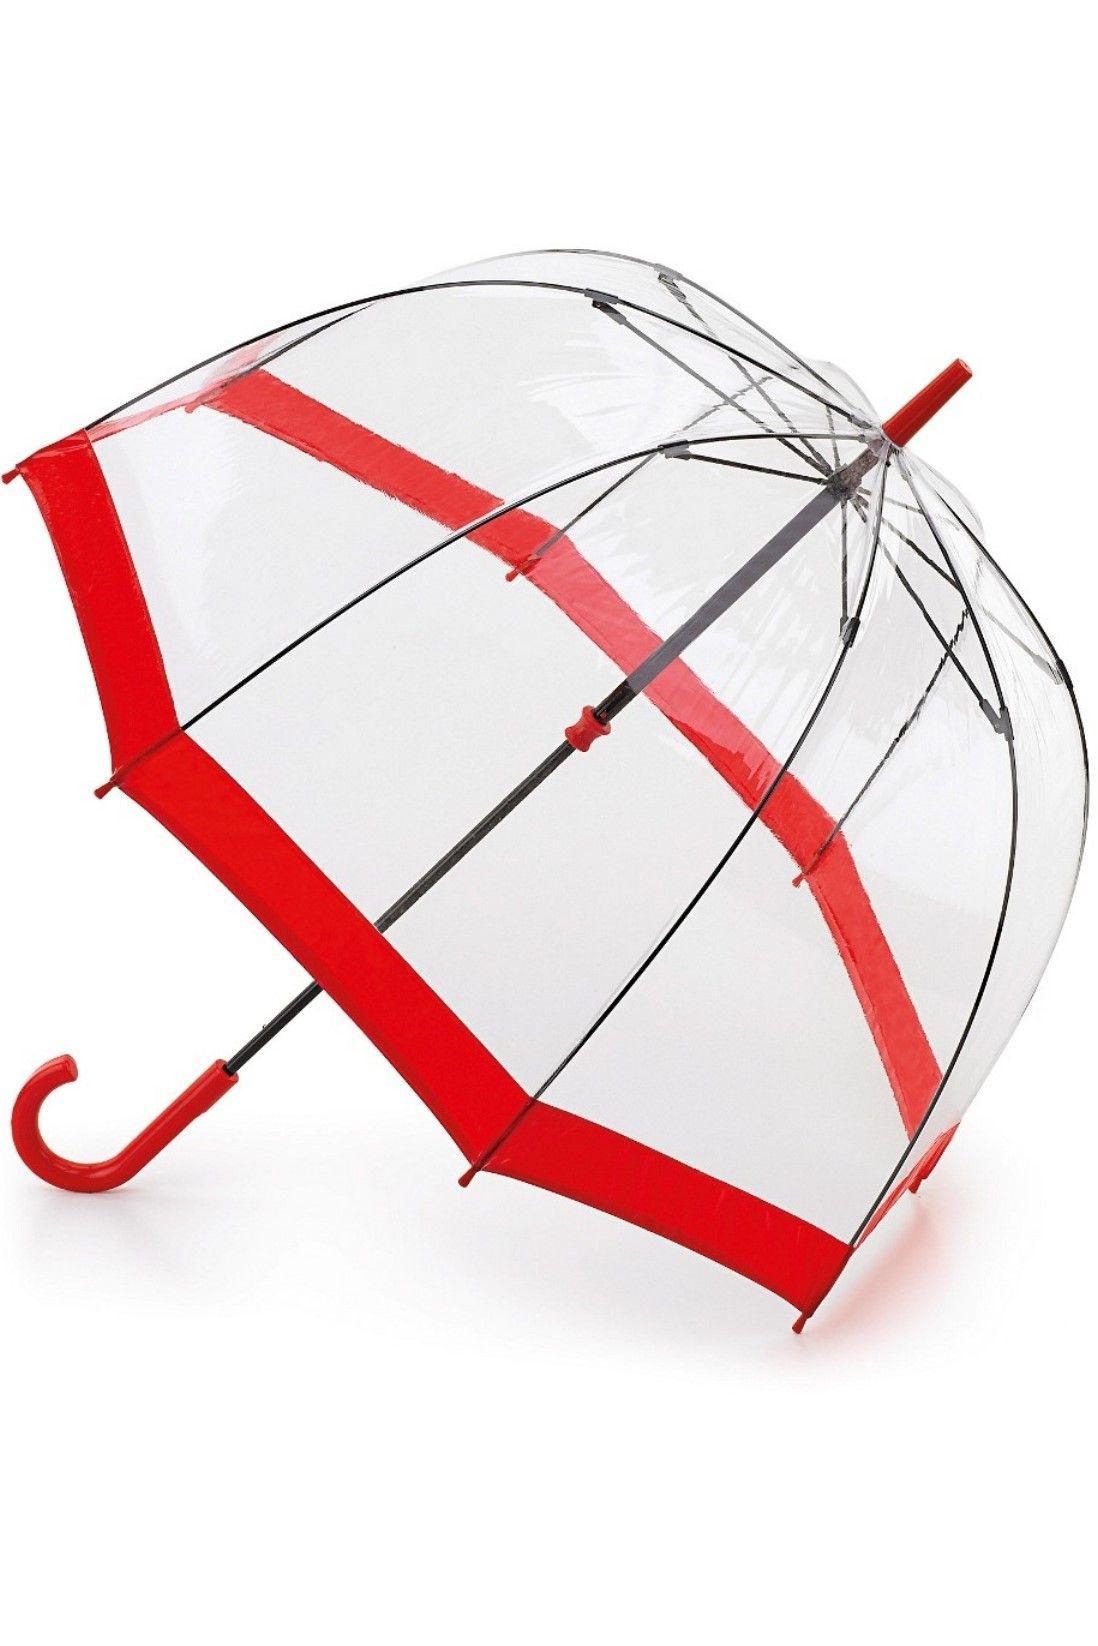 Отремонтировать спицу зонта своими руками